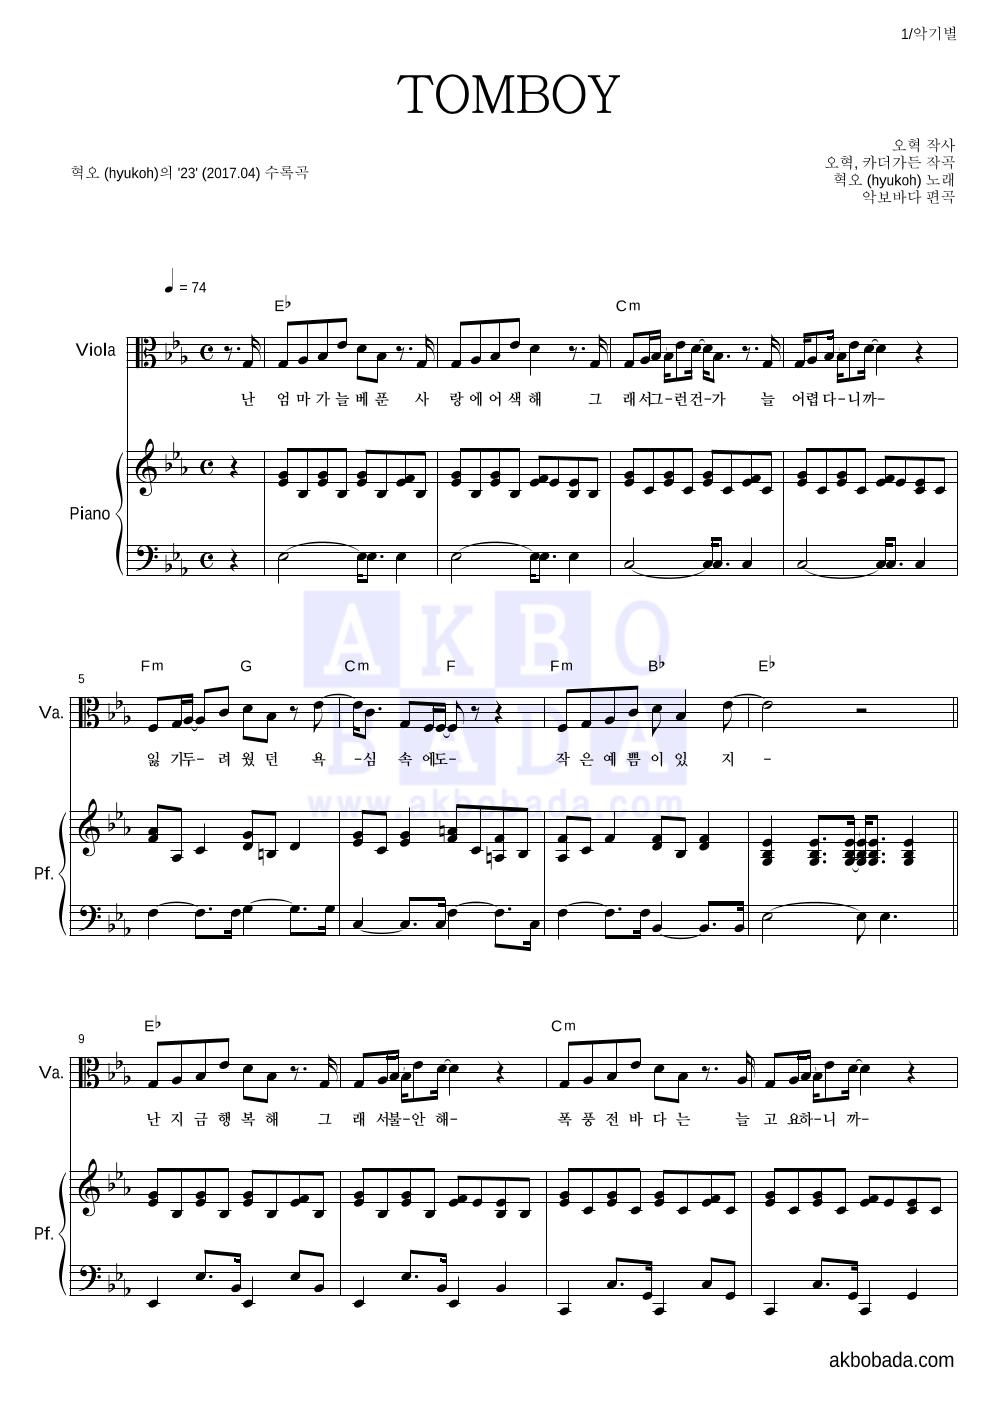 혁오 - TOMBOY 비올라&피아노 악보